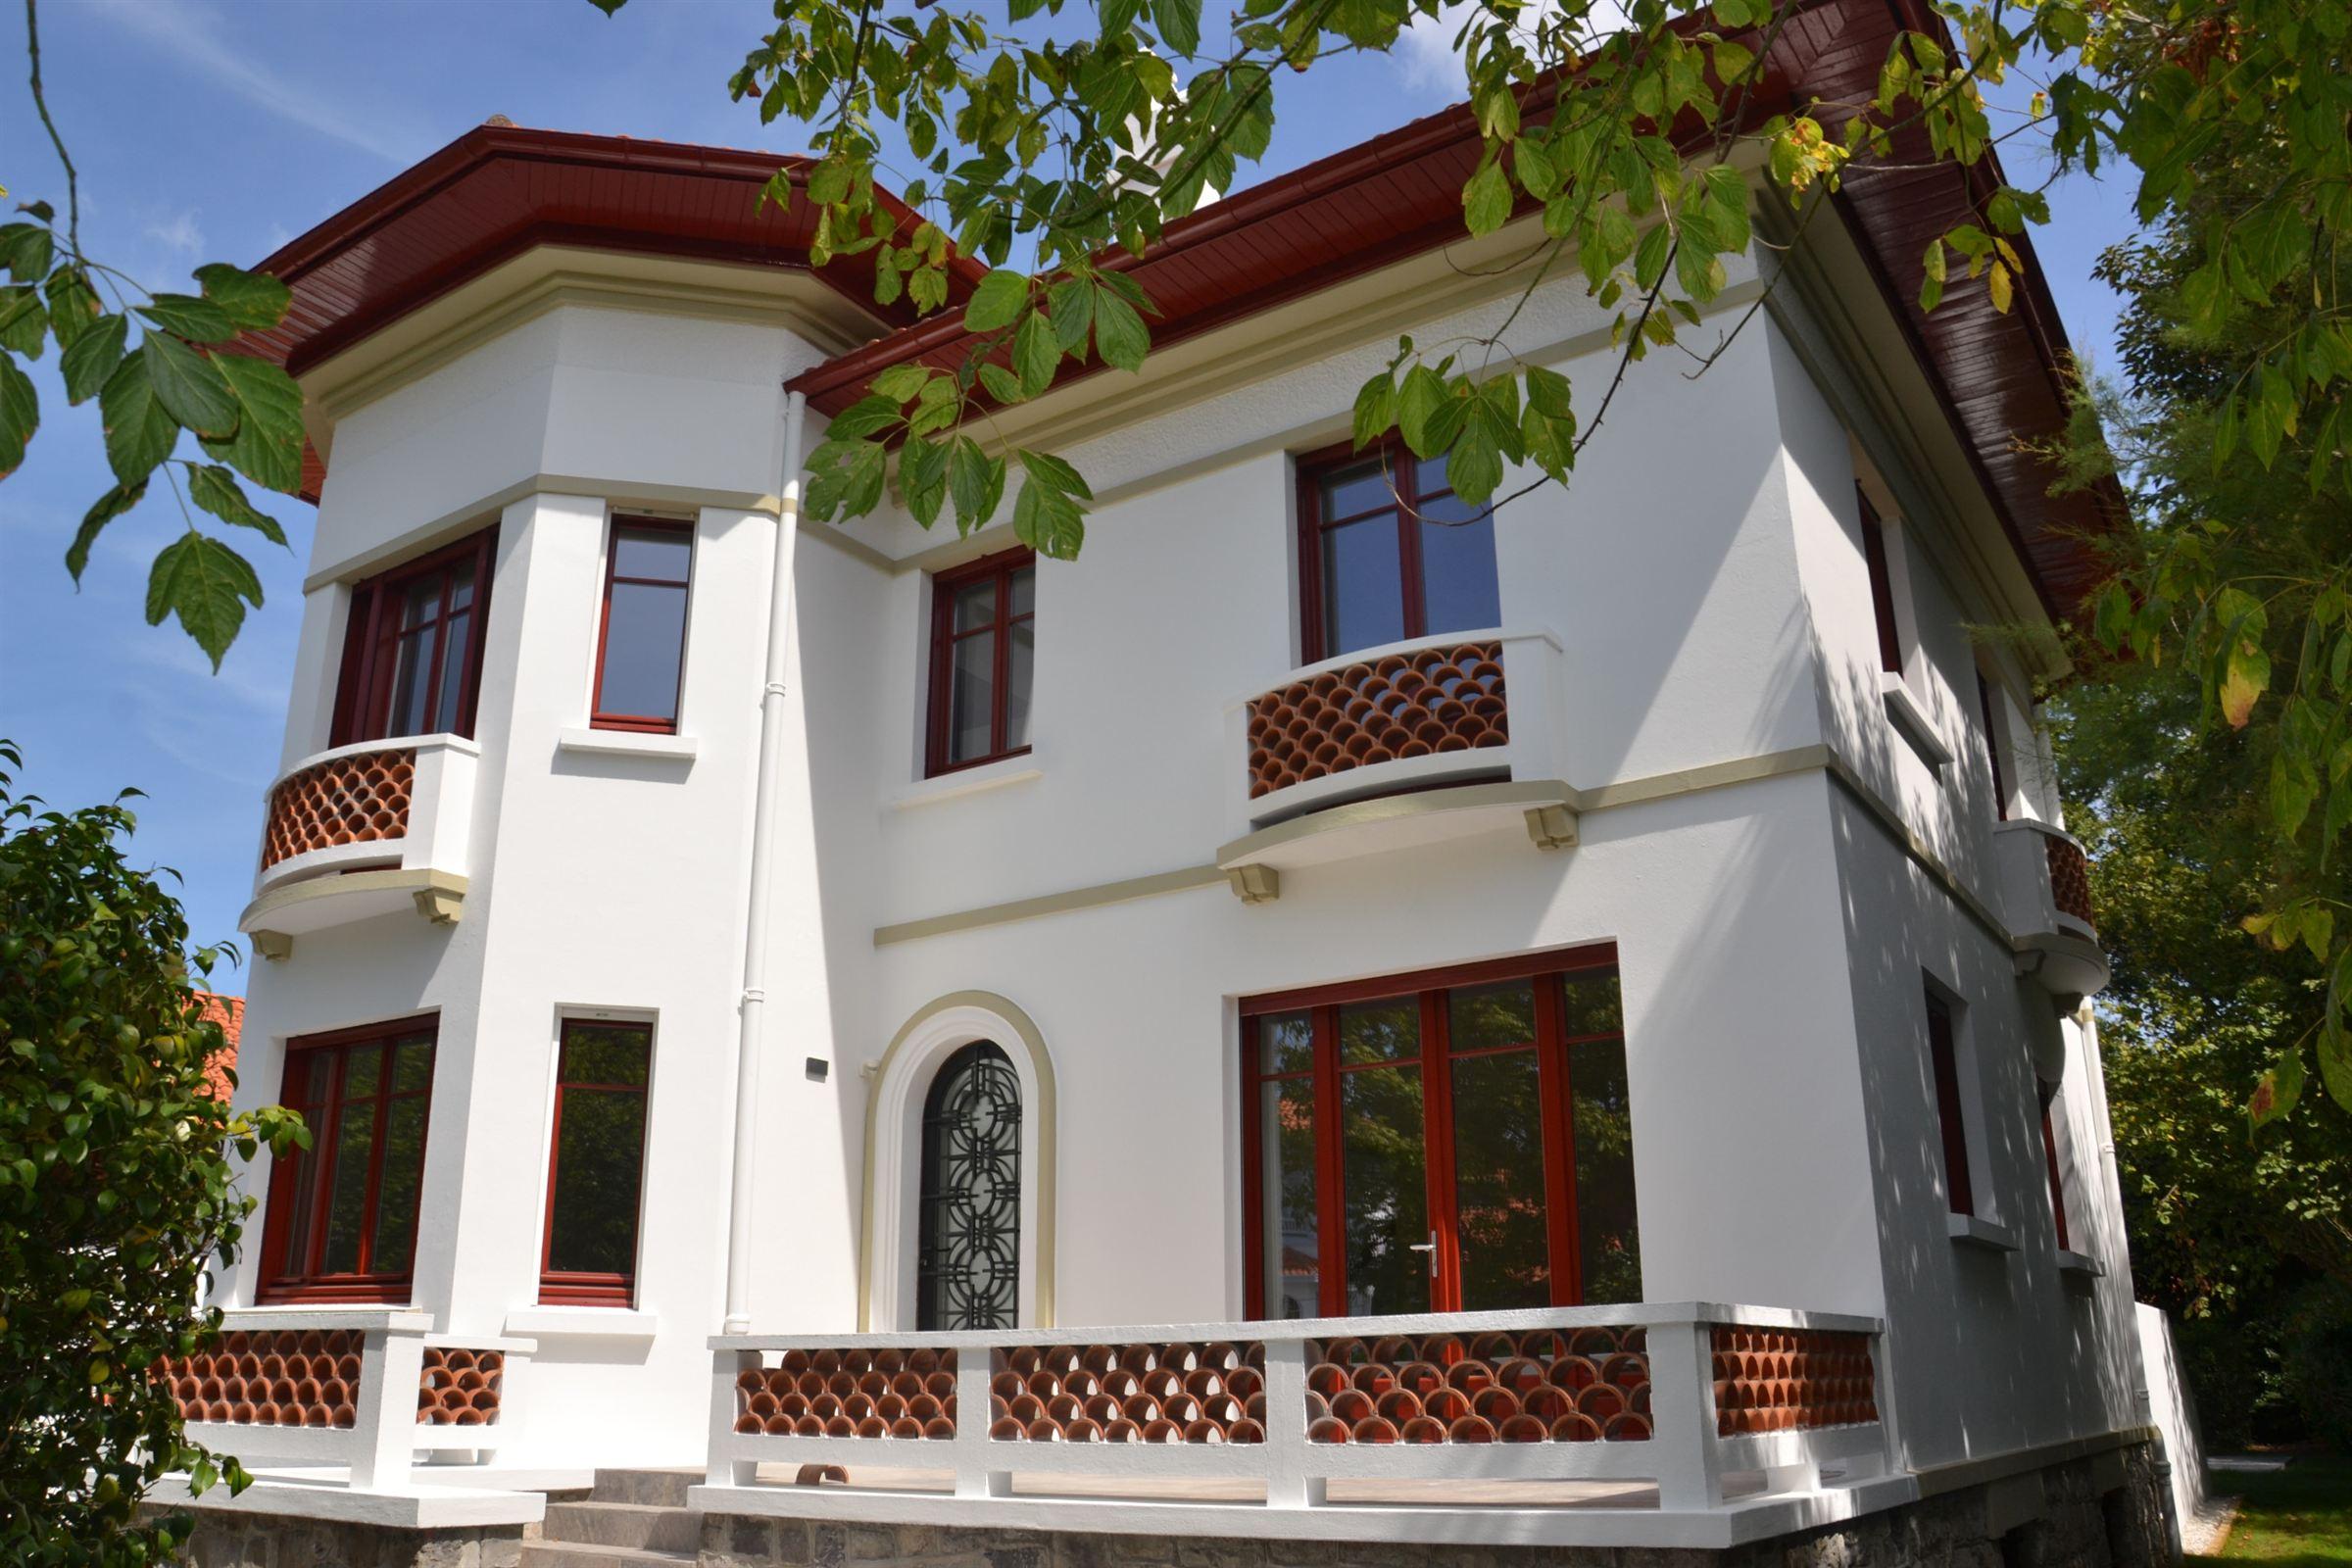 Einfamilienhaus für Verkauf beim BIARRITZ LE COEUR DU PARC D'HIVER Biarritz, Aquitanien, 64200 Frankreich